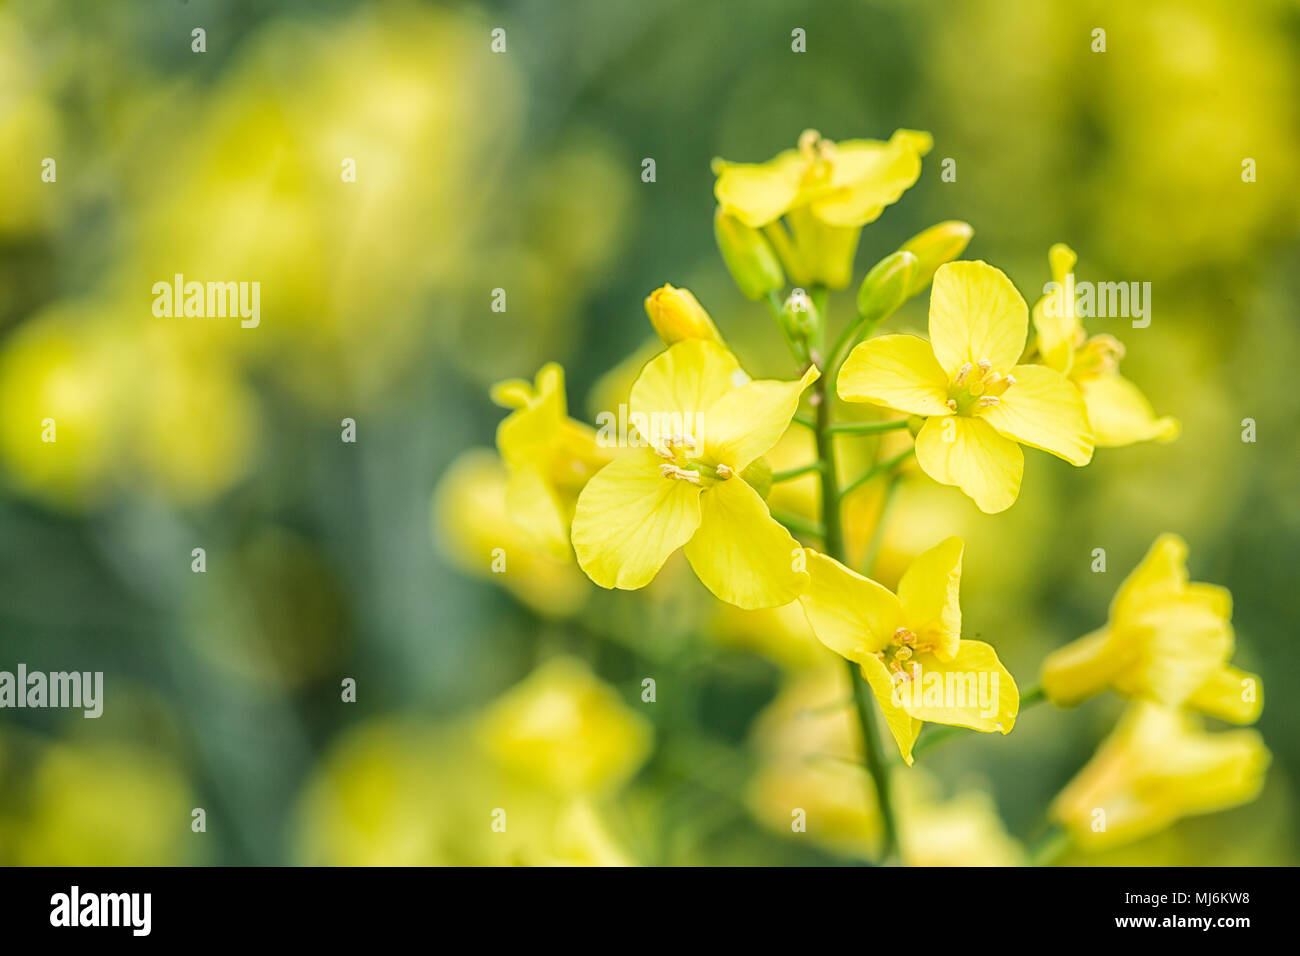 Fiori Gialli Per Olio.Semi Di Colza Giallo Dei Fiori In Un Campo Di Queste Piante Un